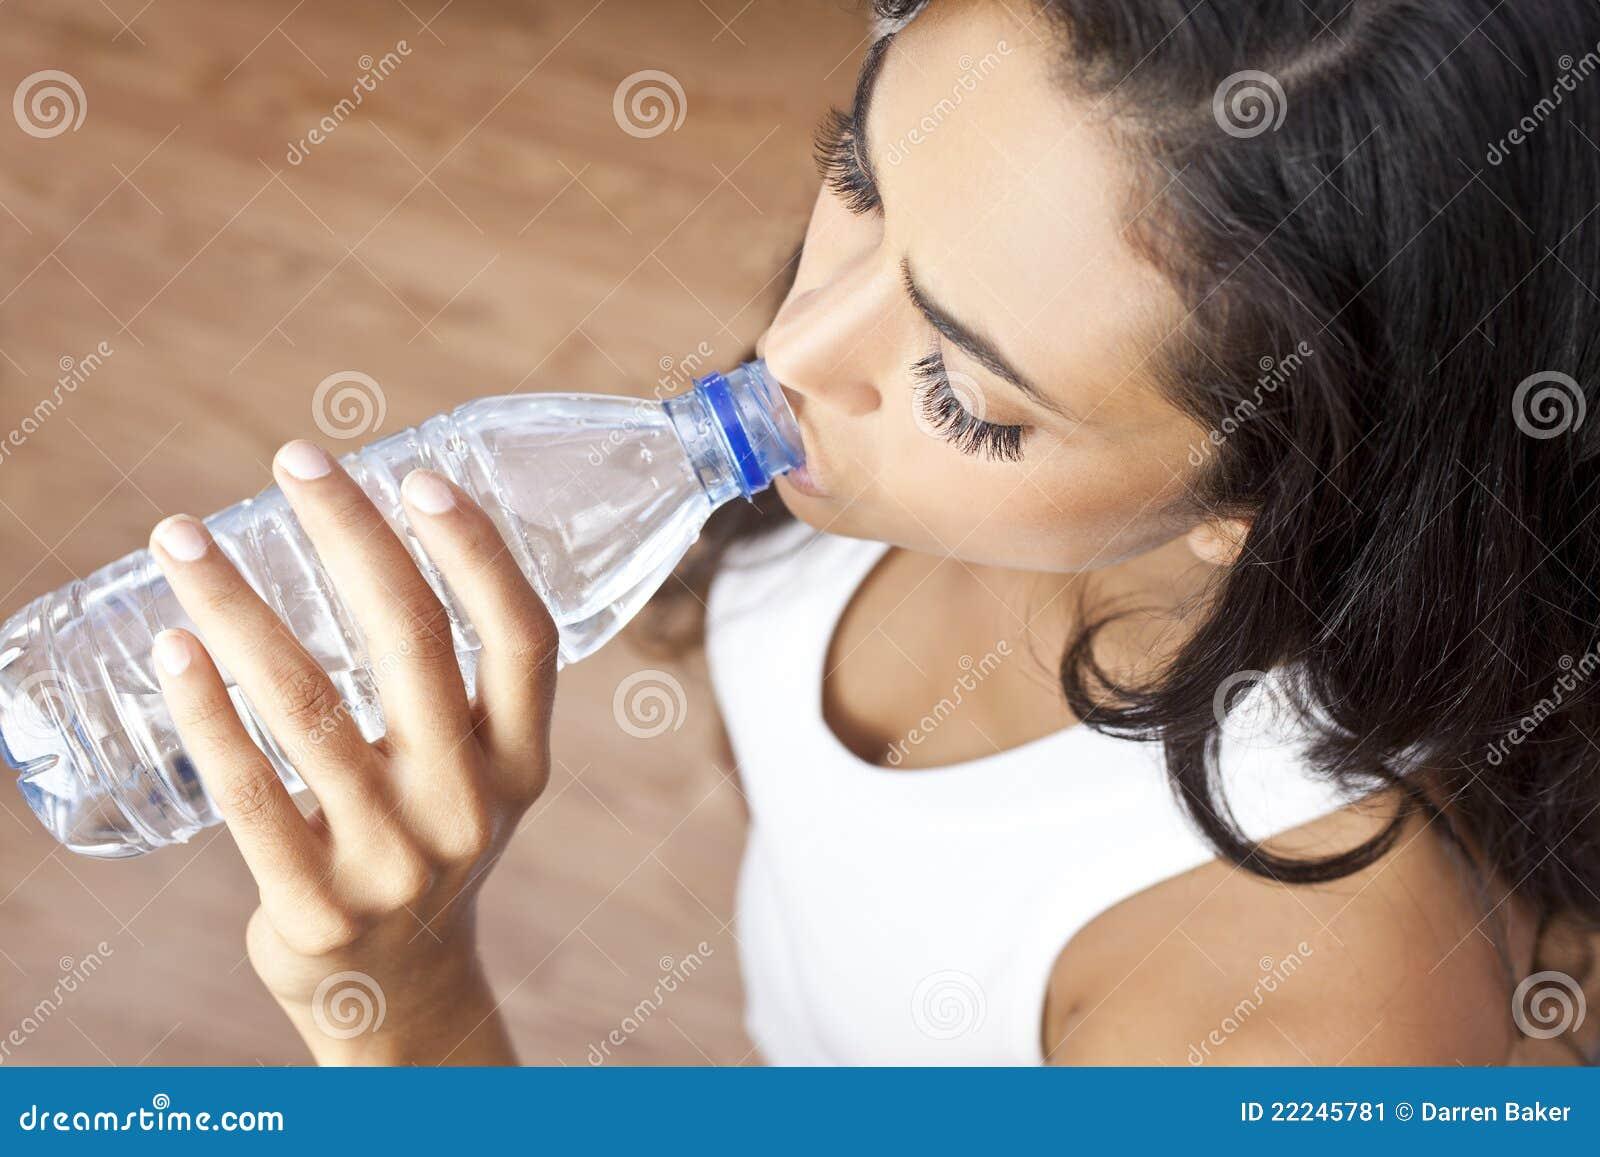 Latina Hispanic Woman Girl Drinking Water Bottle